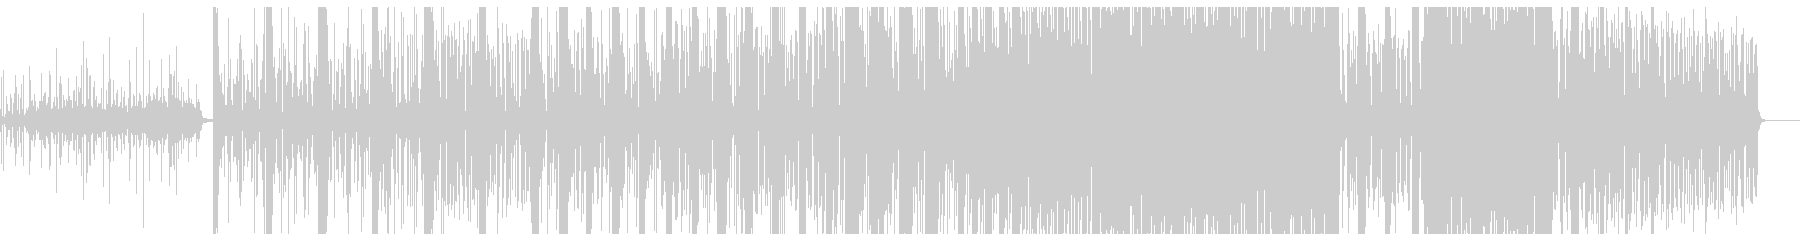 和太鼓とDTMミュージックの融合曲の未再生の波形